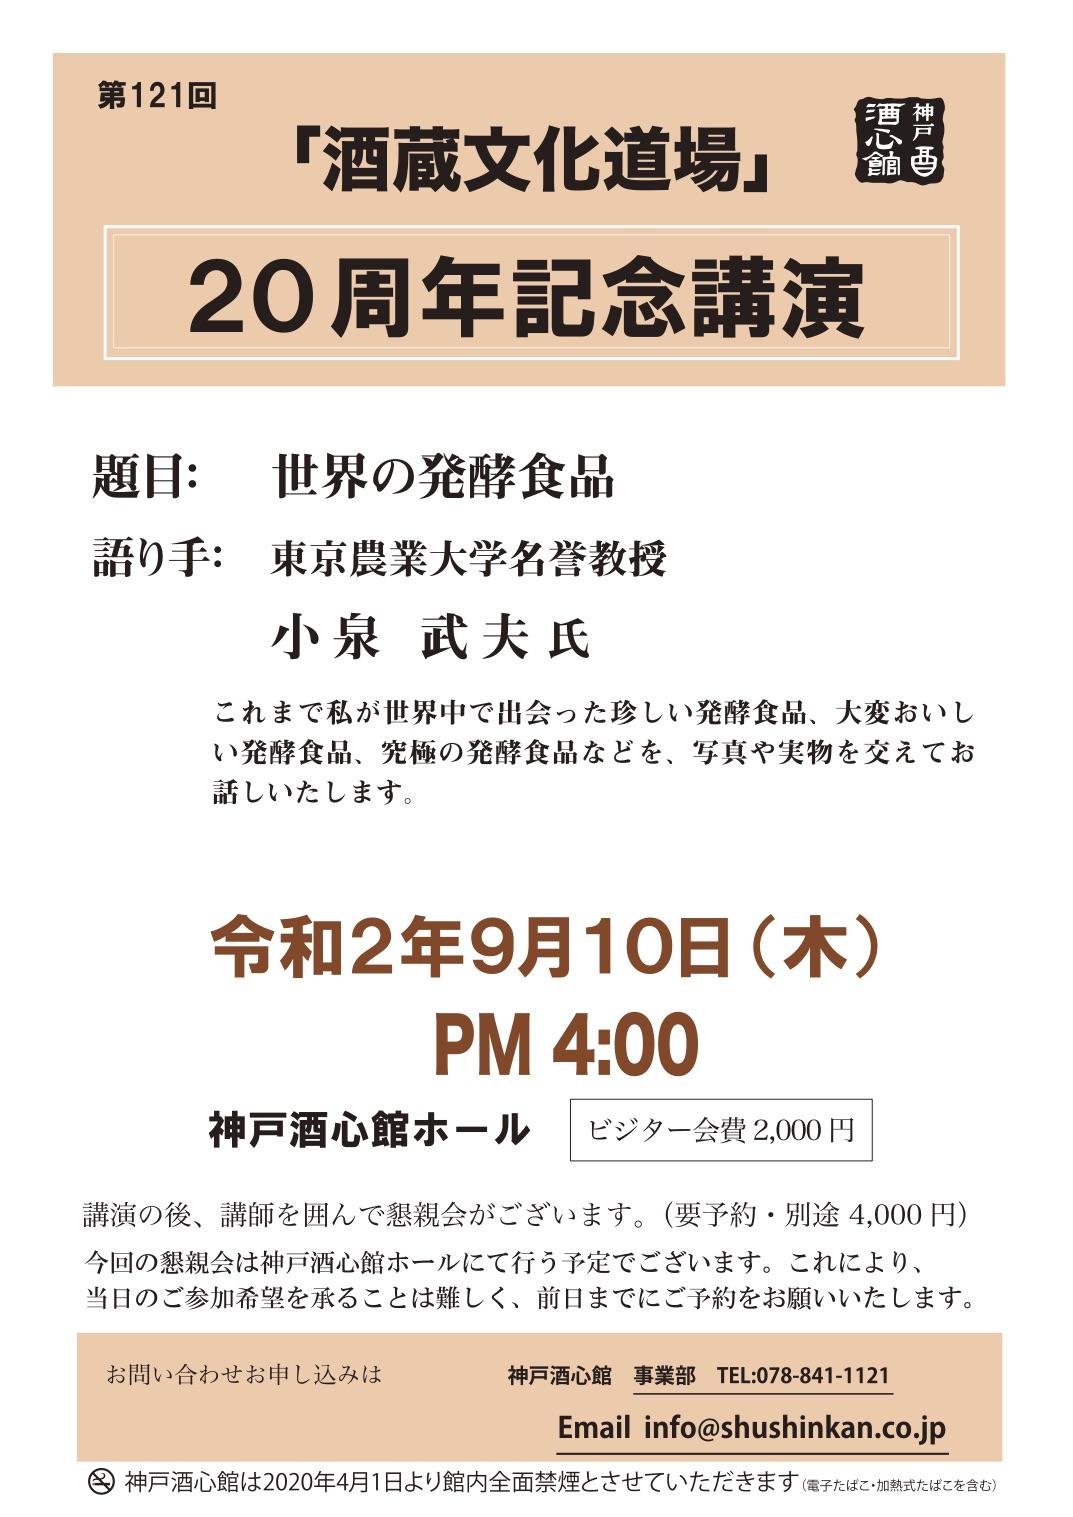 酒蔵文化道場 20周年記念講演 小泉武夫氏を迎えて